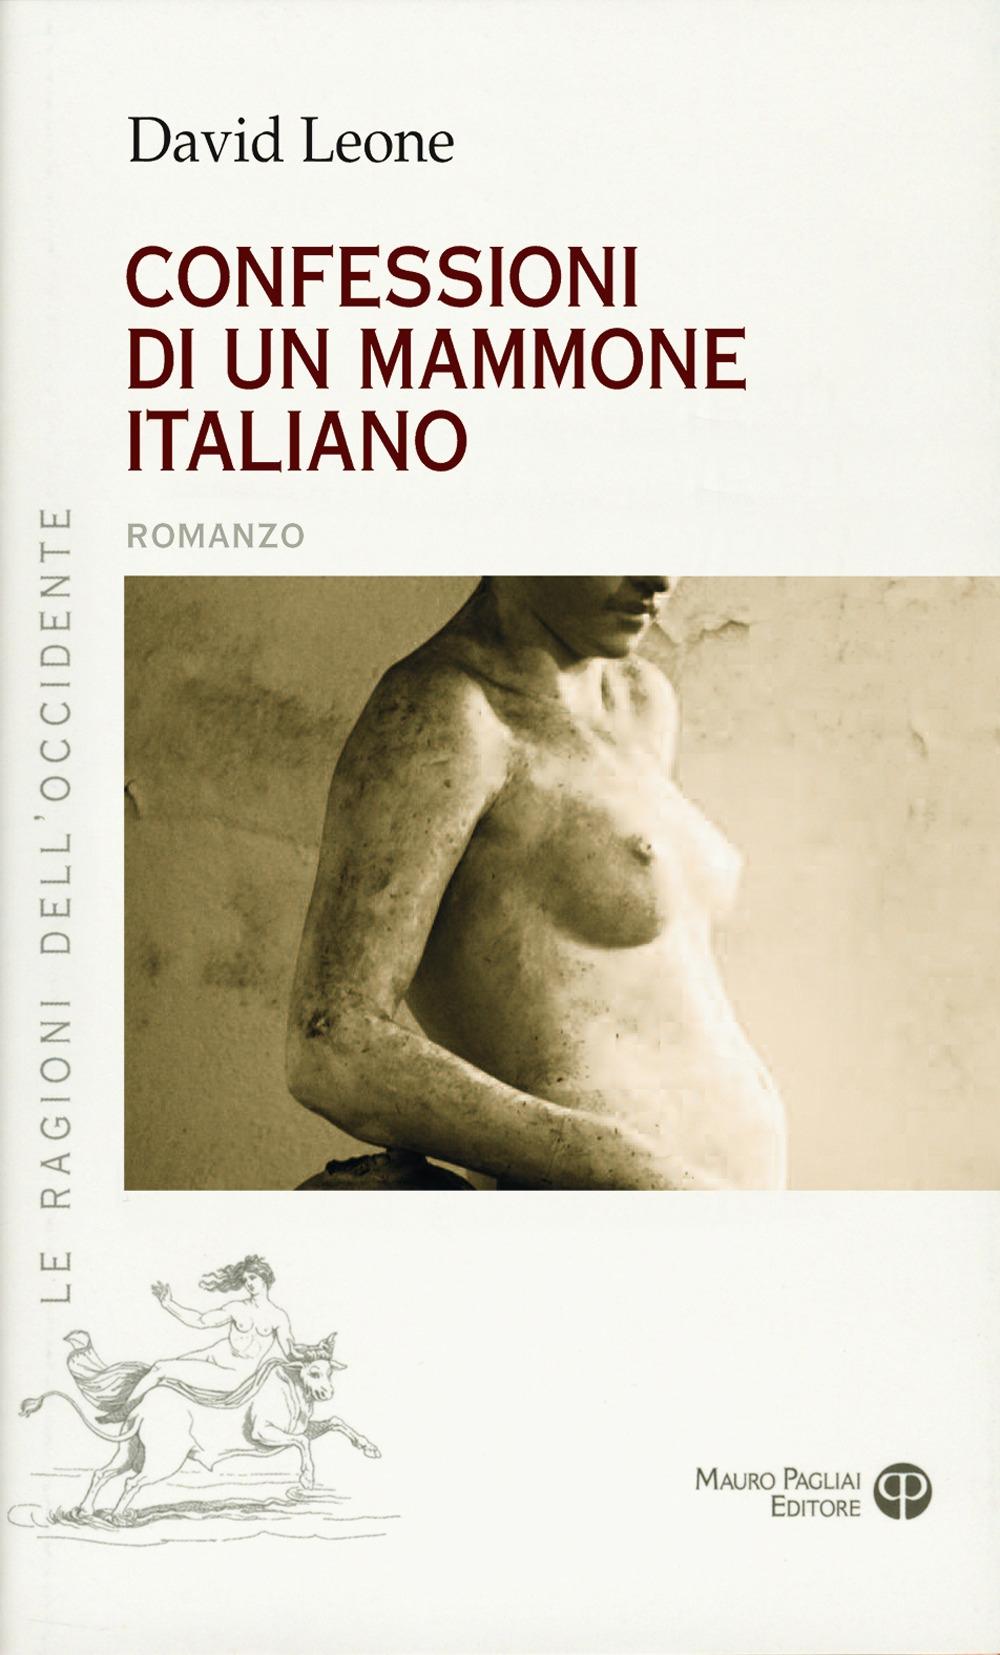 Confessioni di un mammone italiano